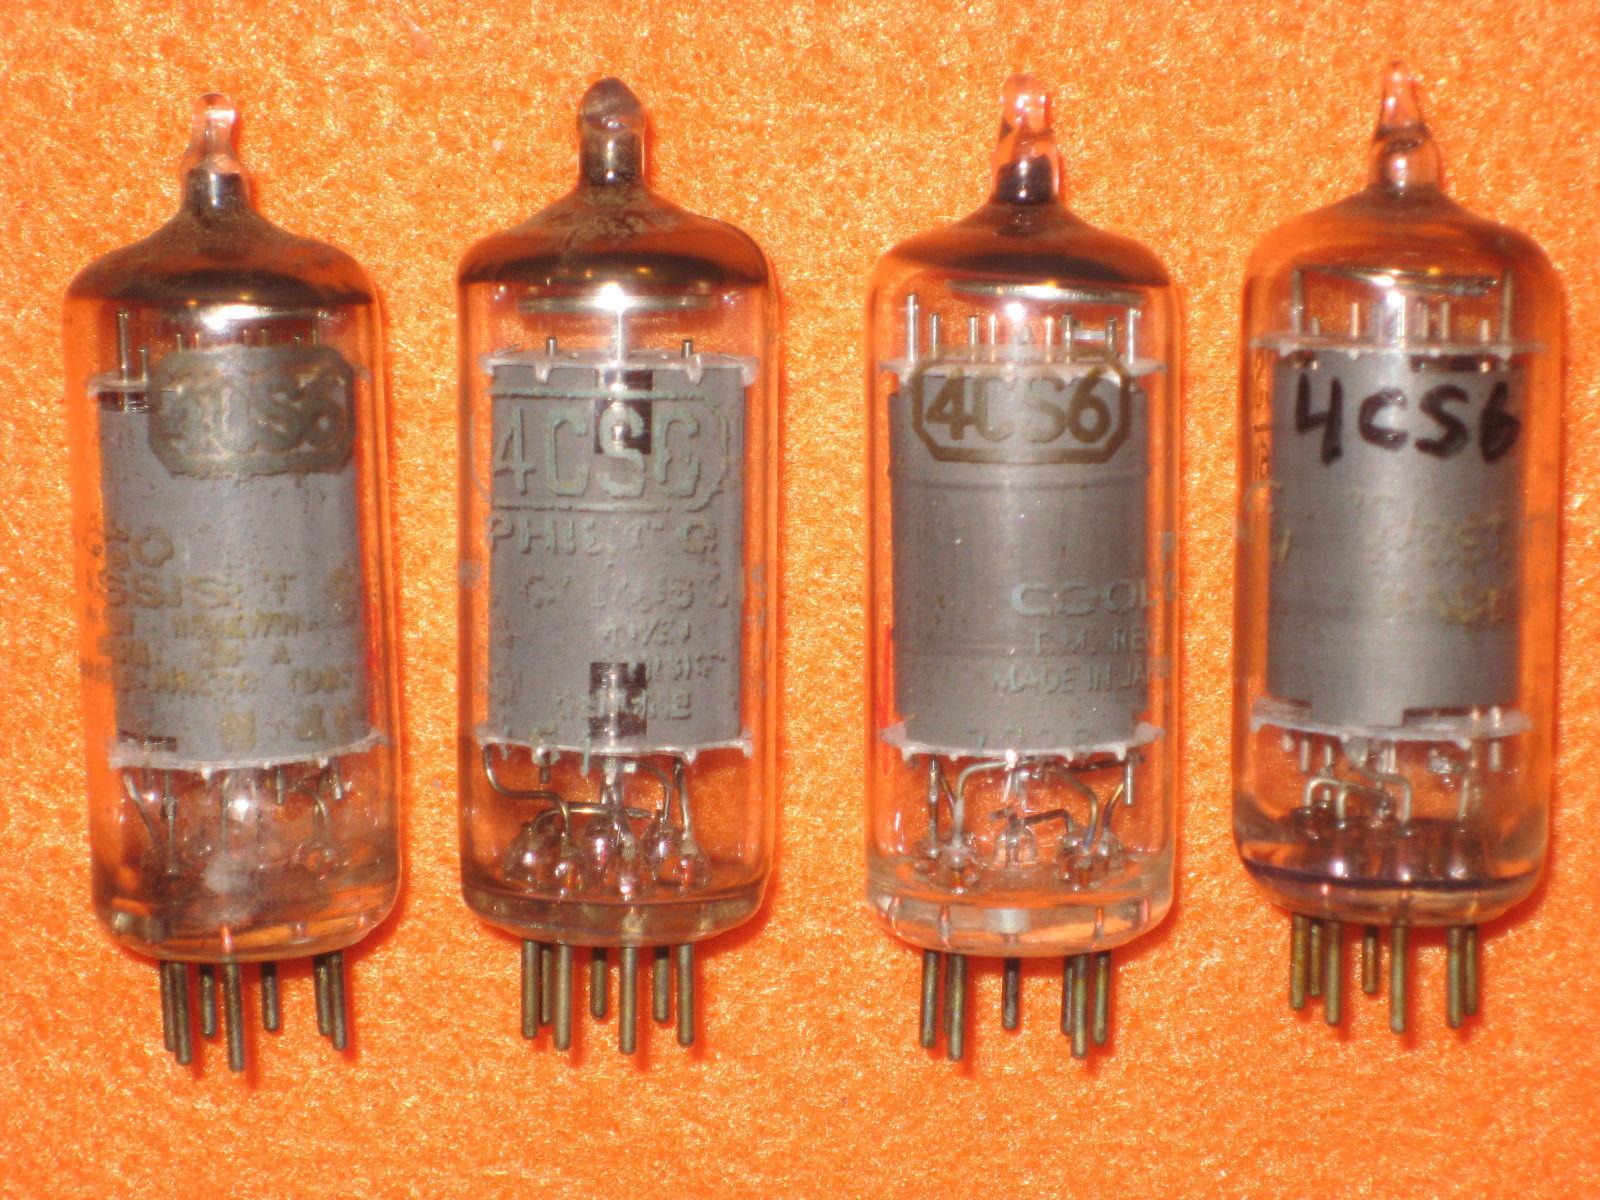 Vintage Radio Vacuum Tube (one): 4CS6 - Tested Good